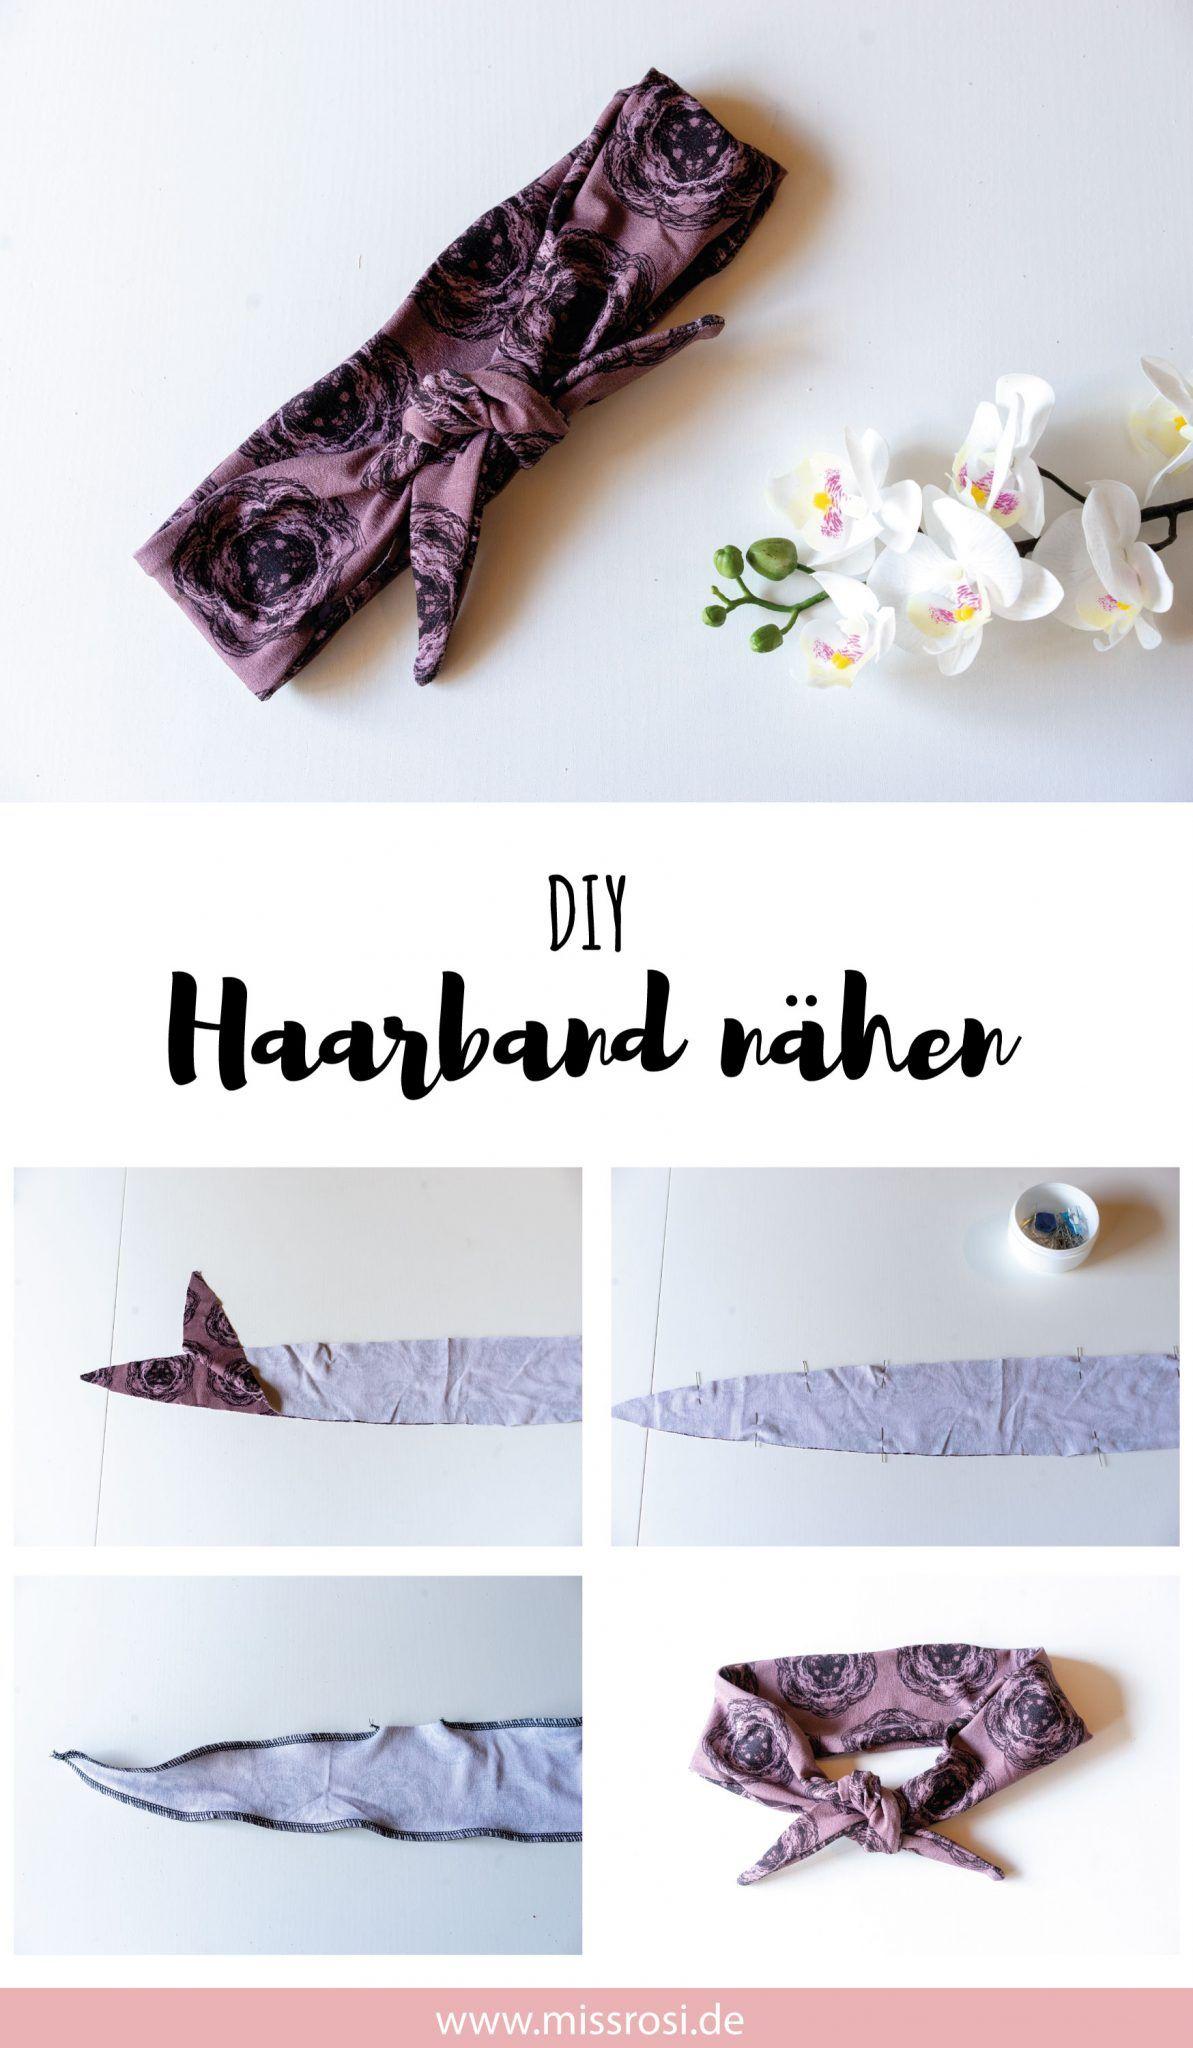 Haarband nähen, einfache Anleitung für Anfänger #hairbands